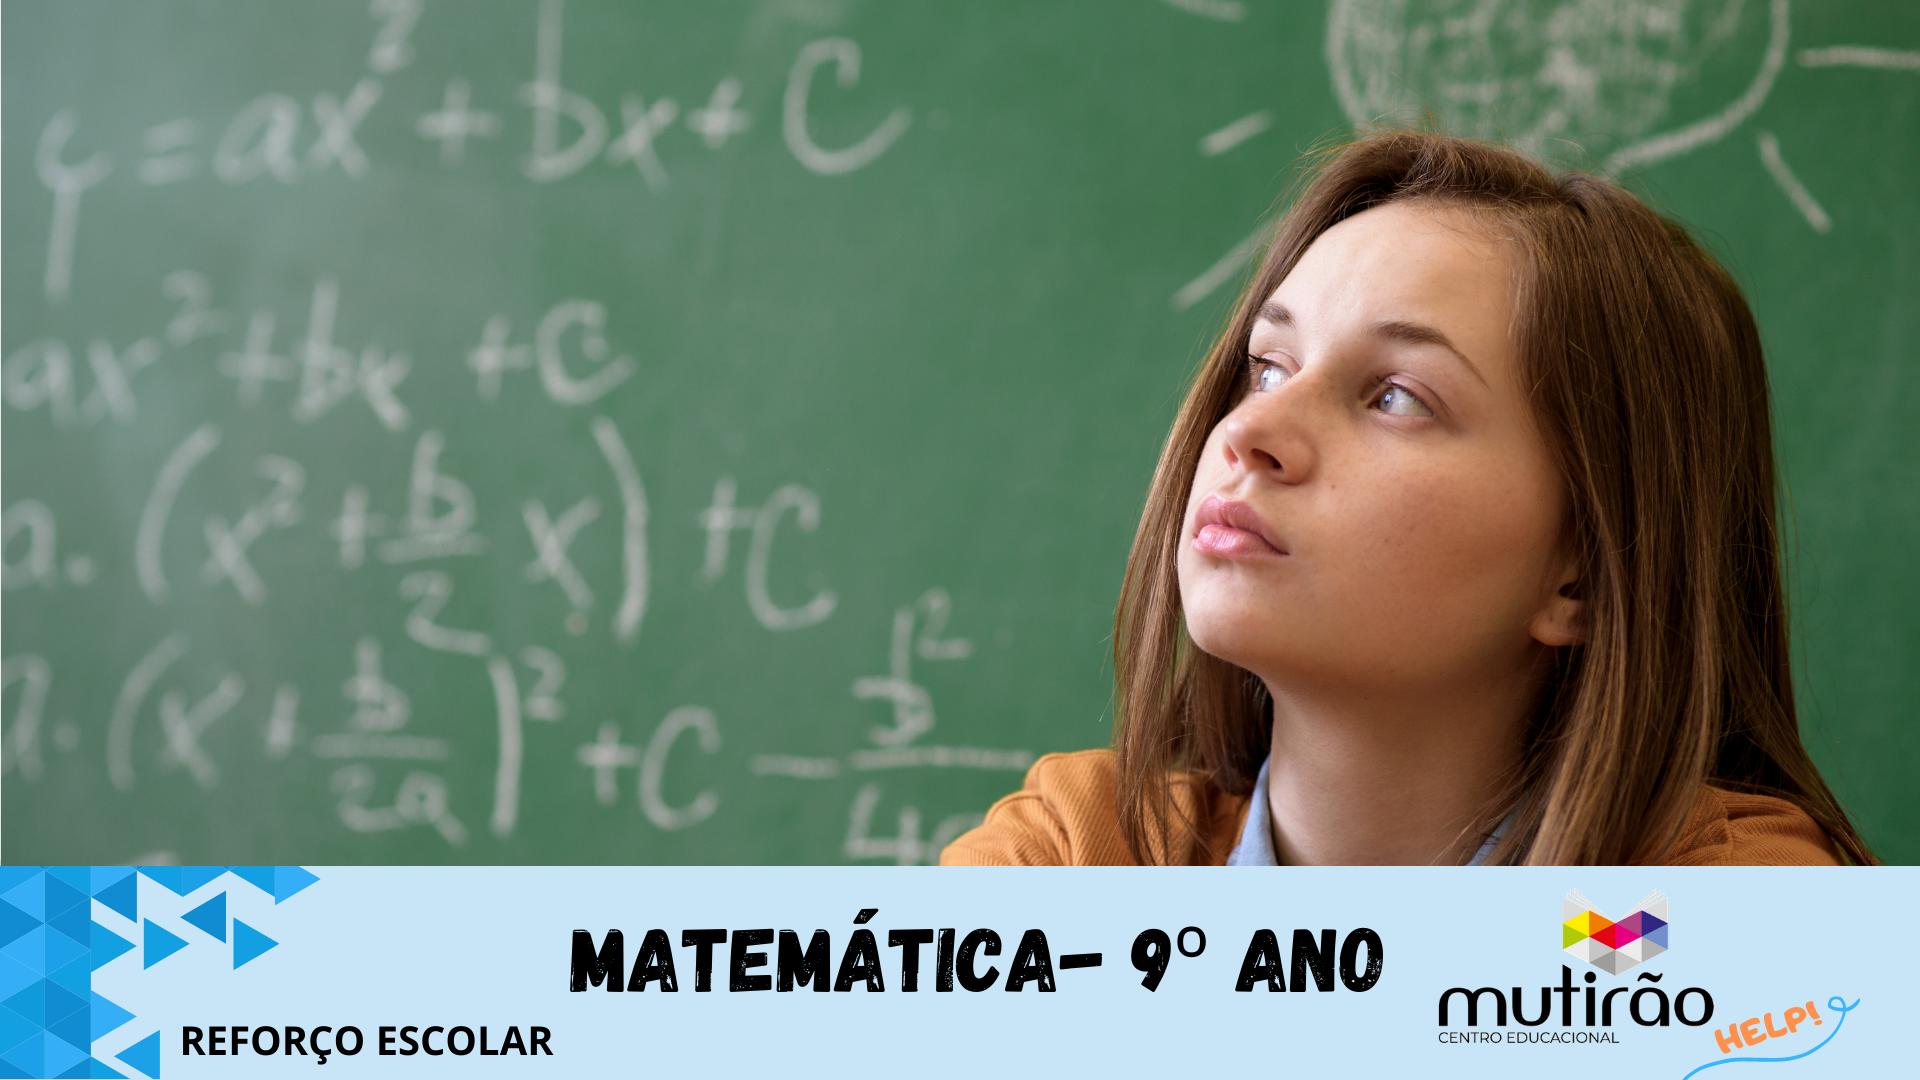 Mutirão Help!  Reforço Escolar 9º ano Matemática